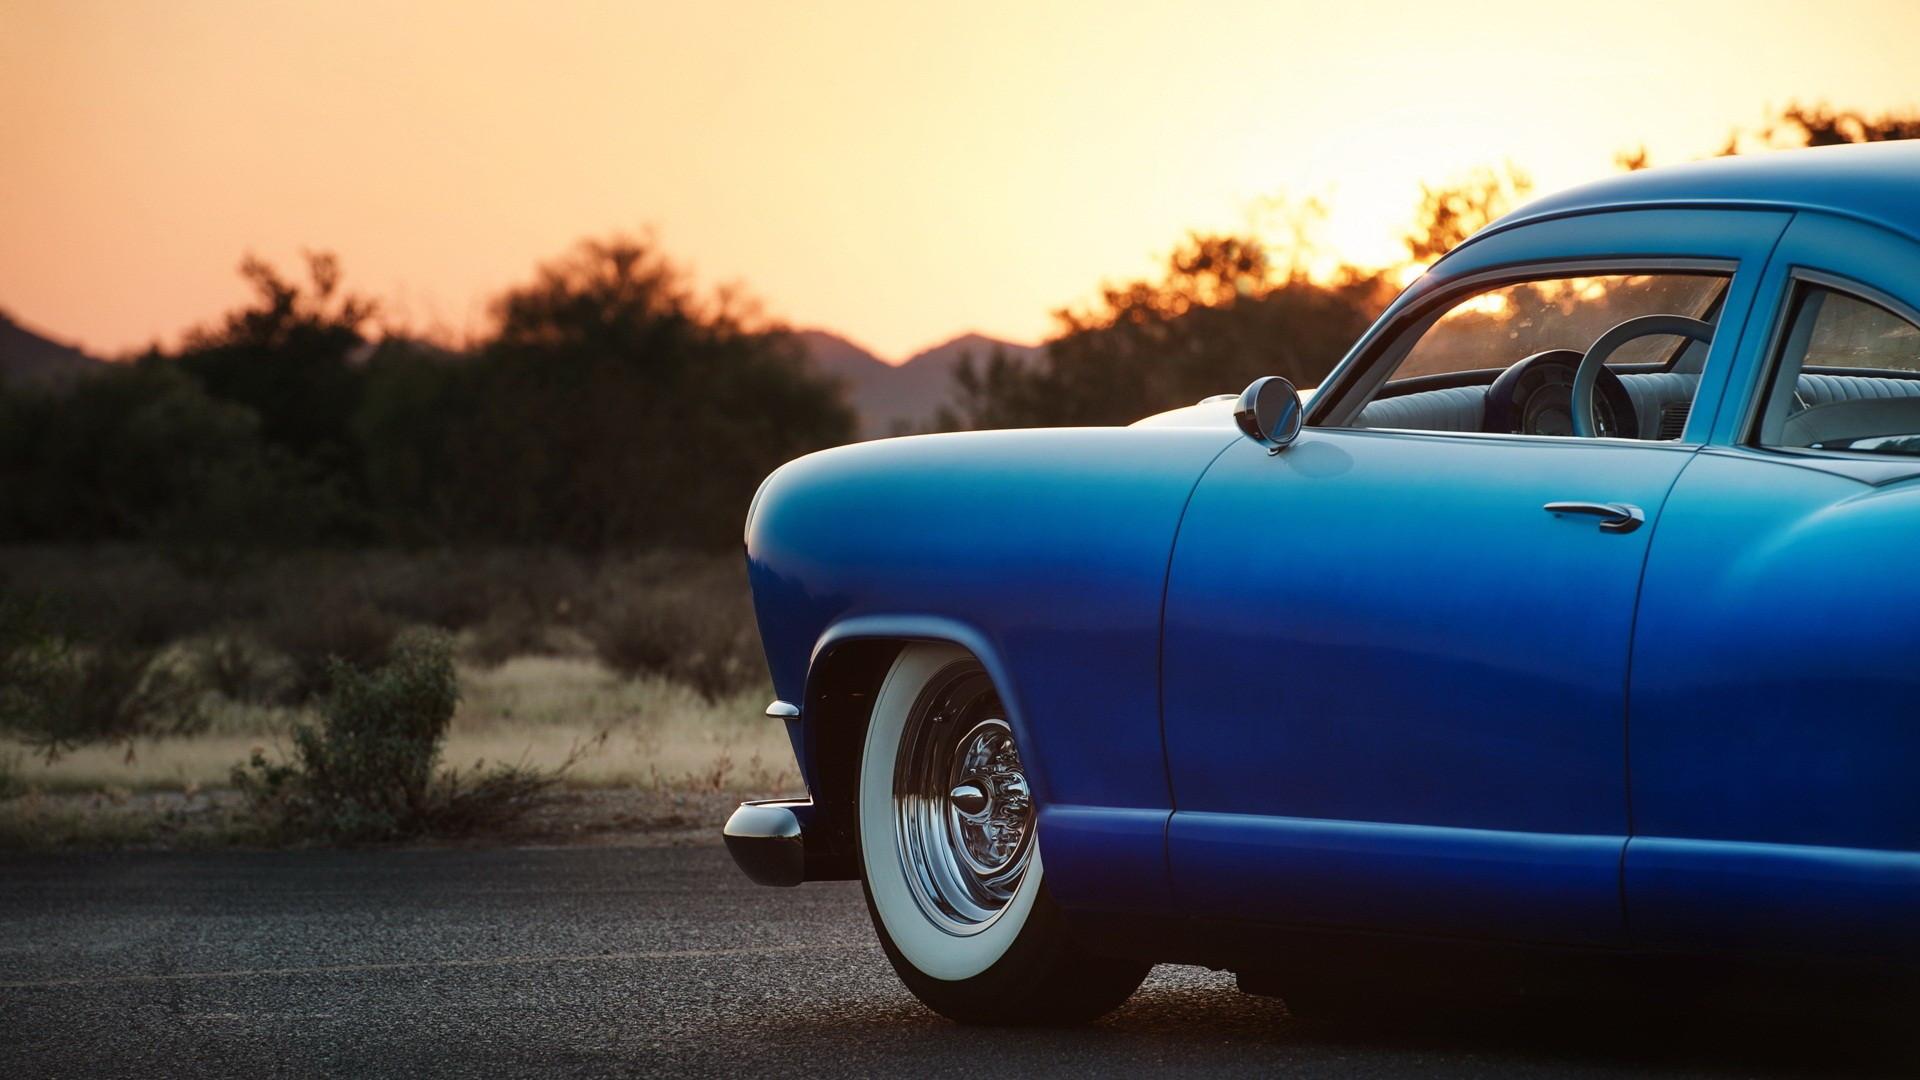 Sunset Blue Classic Car Desktop Wallpaper